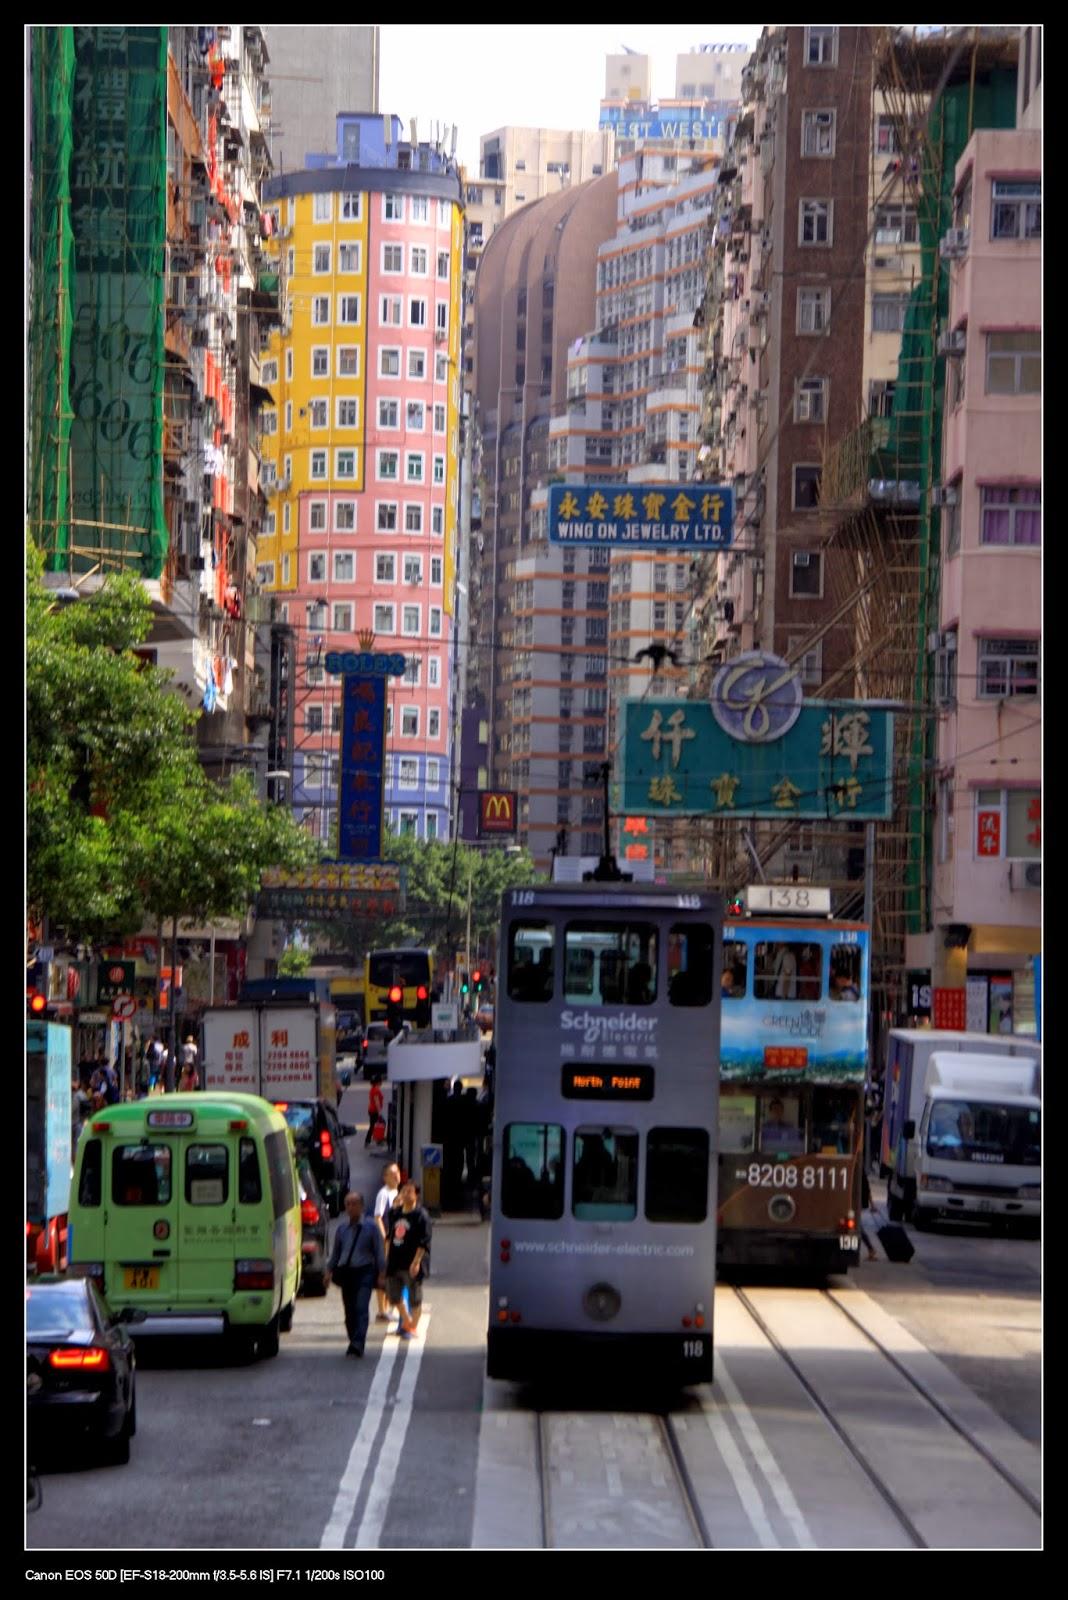 懷舊香港: 電車路, 2019地址: 油麻地彌敦道219號 電話: +852 2736 3760 凡於莊士倫敦廣場任何食肆消費滿下列金額,北角至上環